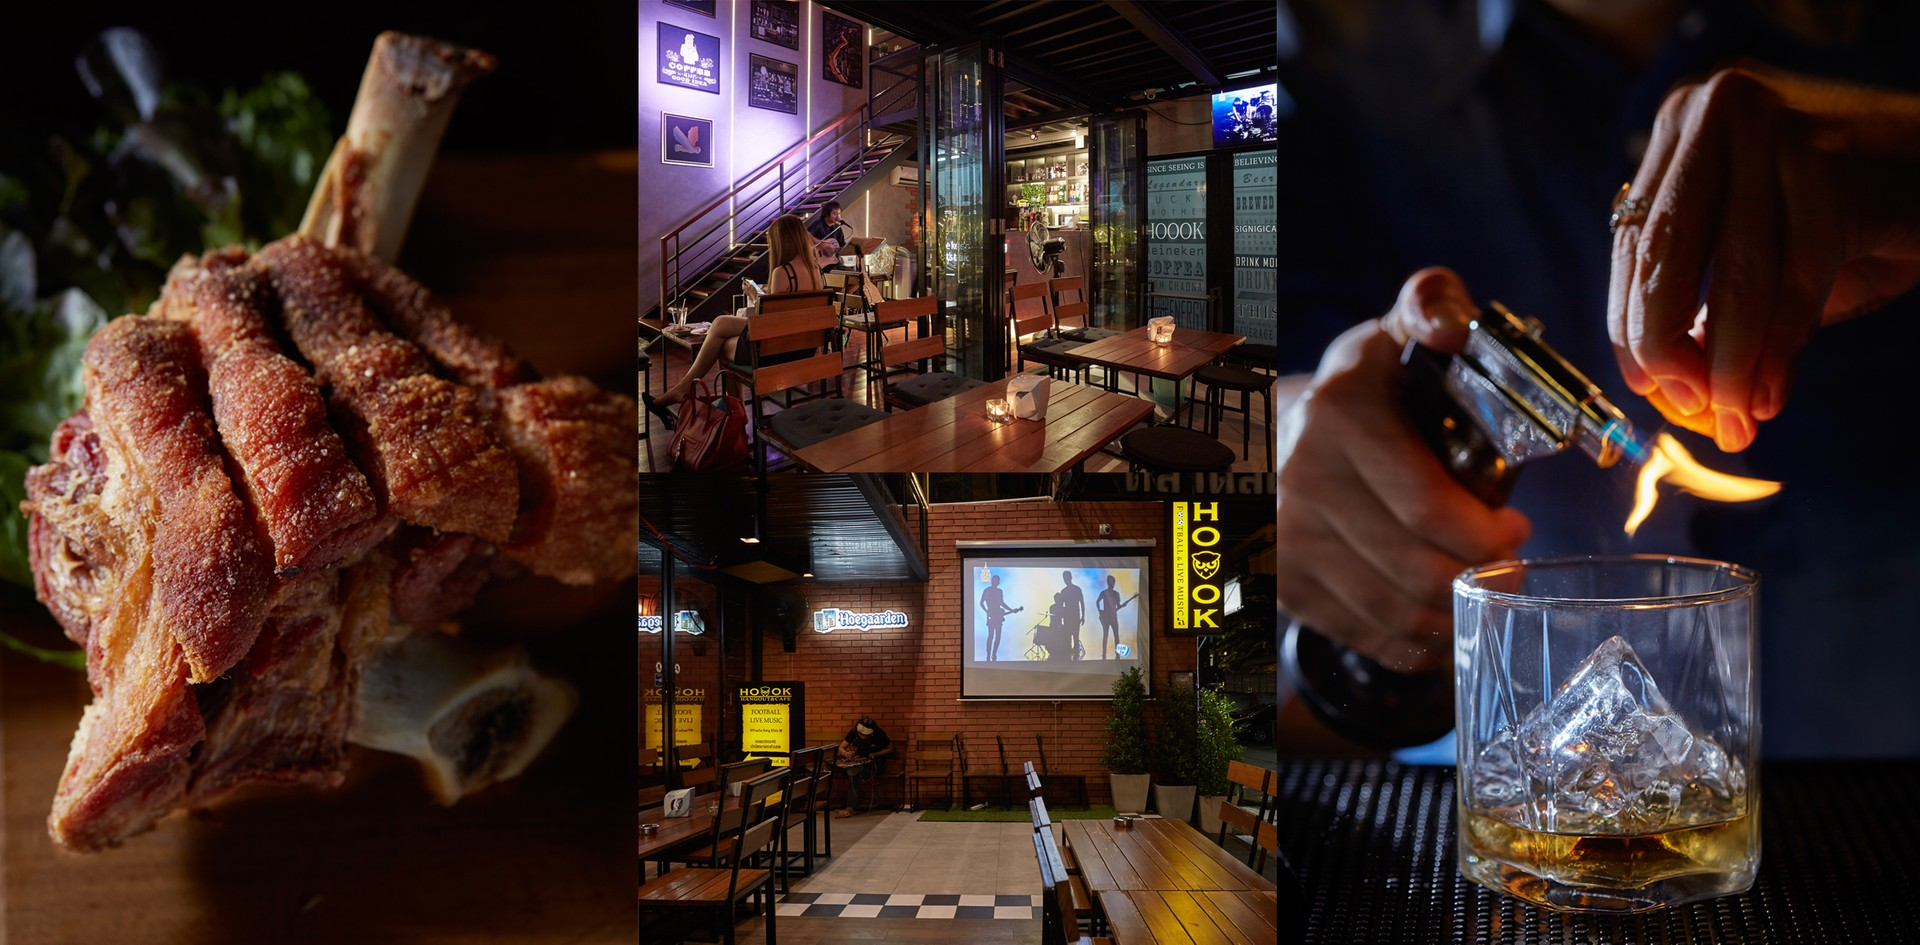 แฮงเอาท์สุดชิลล์ เริ่มต้น 59 พร้อมส่วนลด 50% @ Hoook Hangout & Cafe